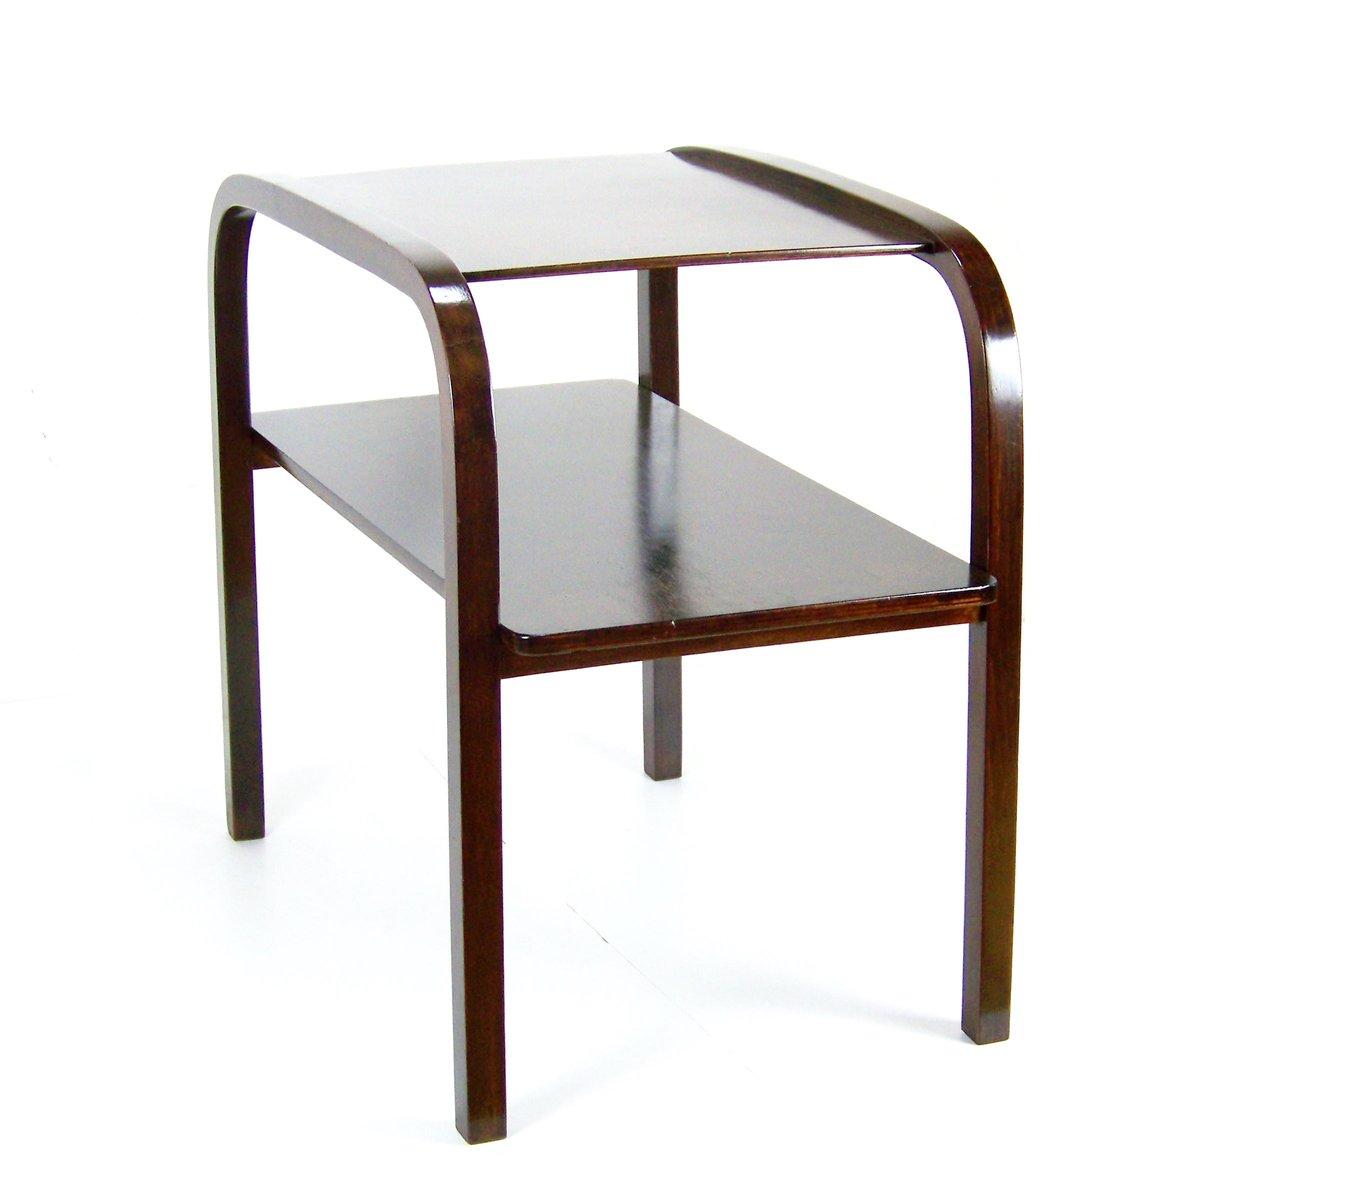 kleiner tisch aus bugholz 1930er bei pamono kaufen. Black Bedroom Furniture Sets. Home Design Ideas